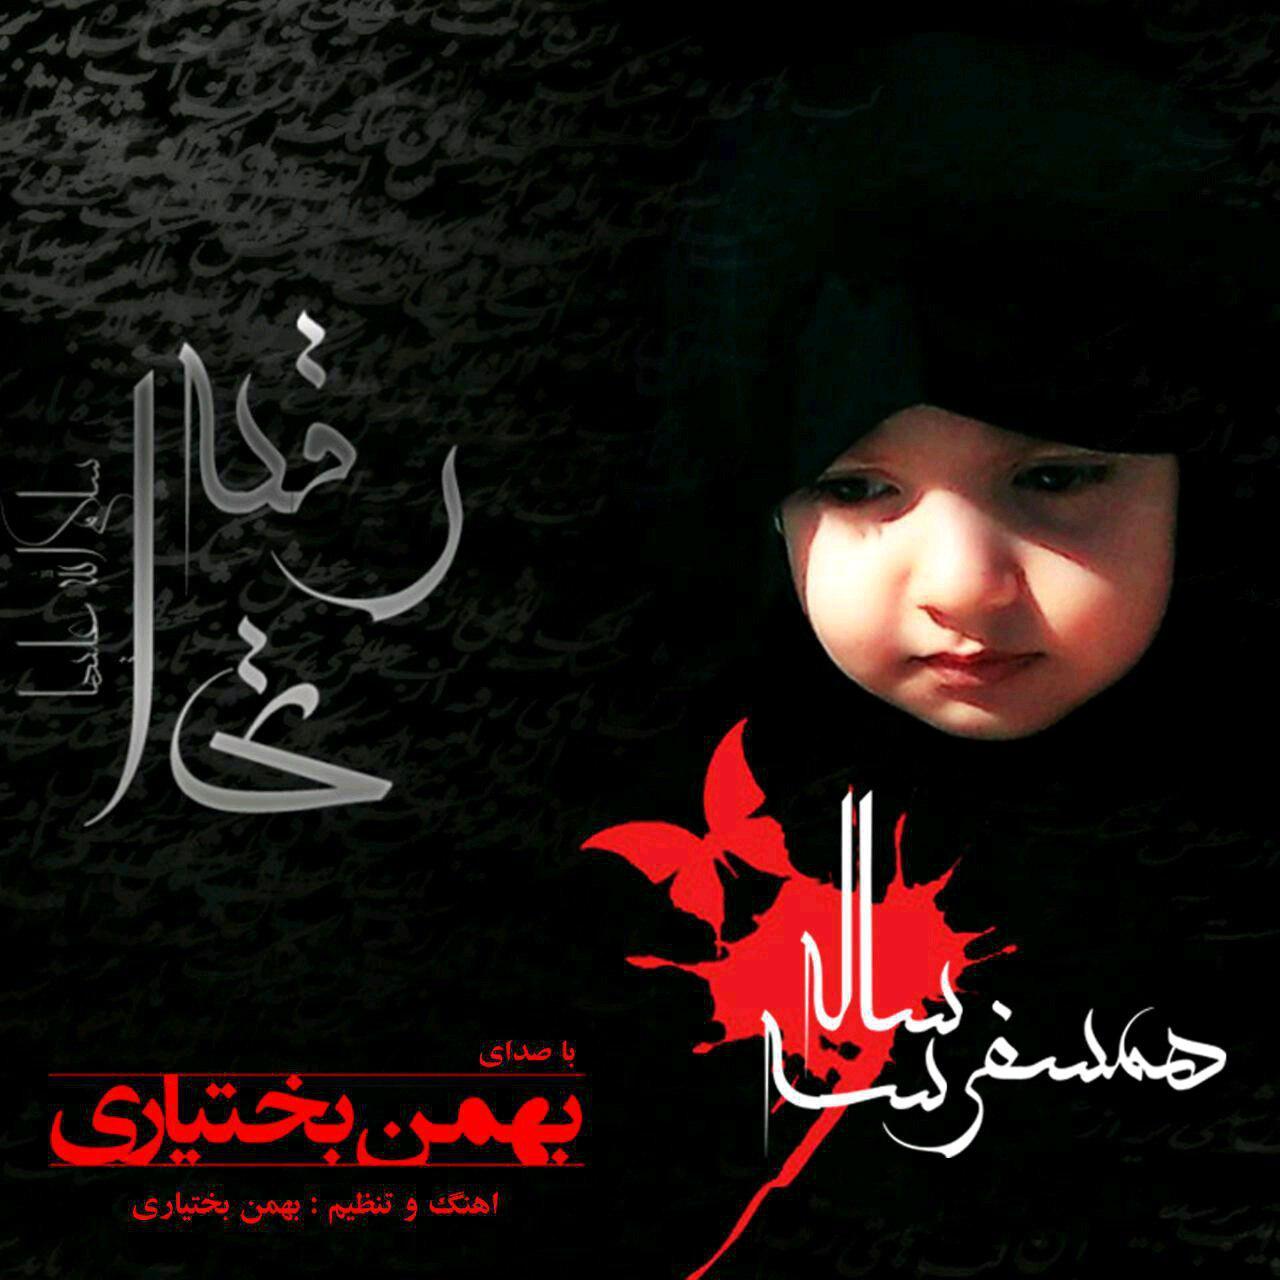 http://dl.rasanejavan.com/RadioJavan%201396/Shahrivar%2096/28/Bahman%20Bakhtiyari%20-%20Hamsafar%203%20Sale.jpg